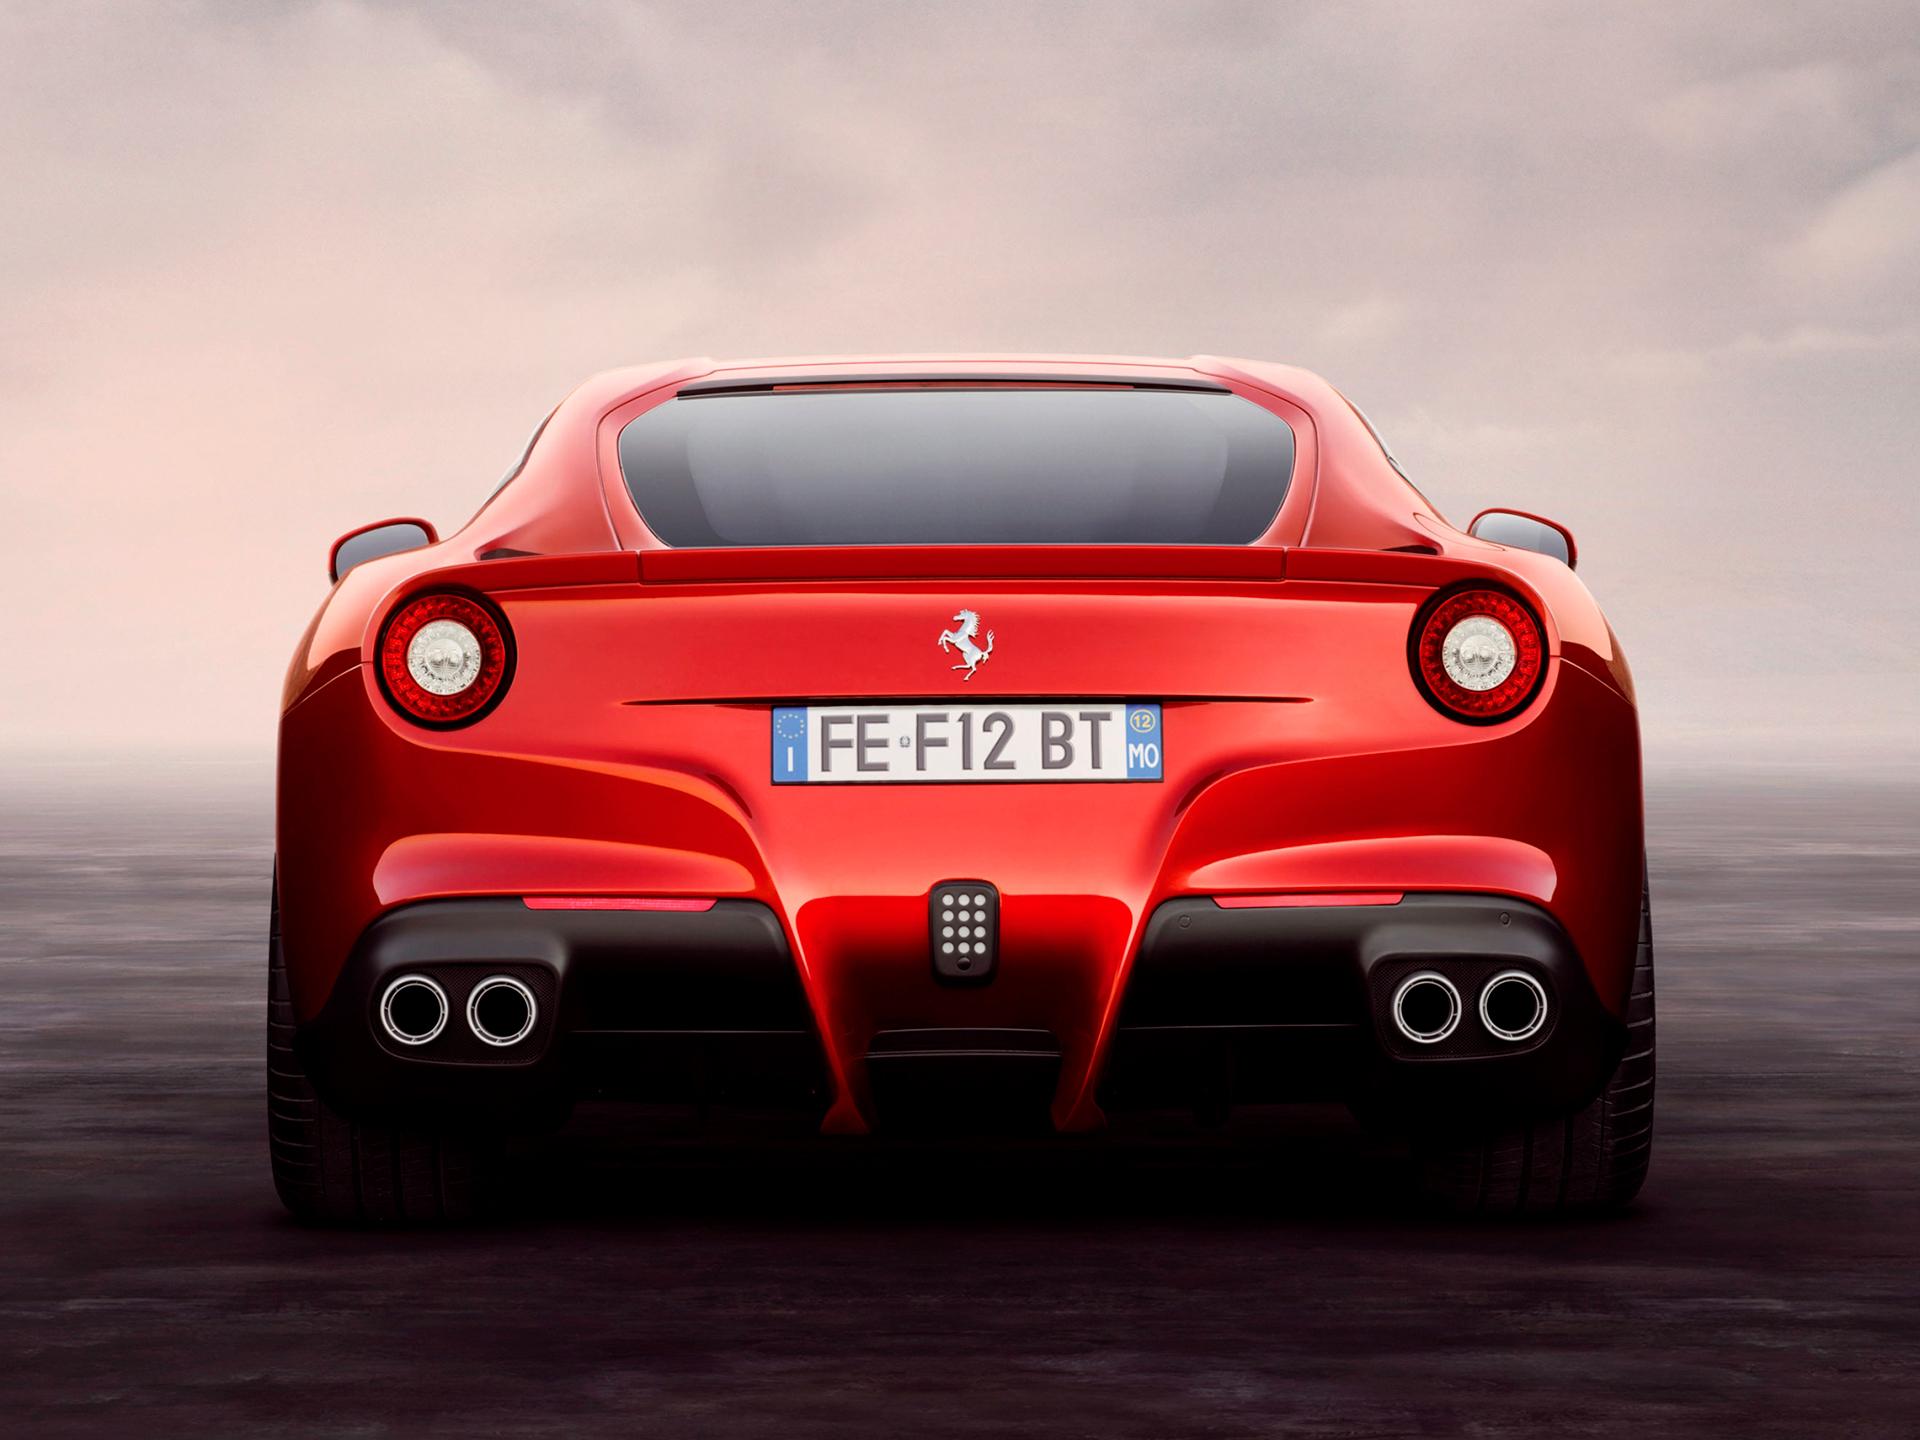 Ferrari F12berlinetta - arrière / rear